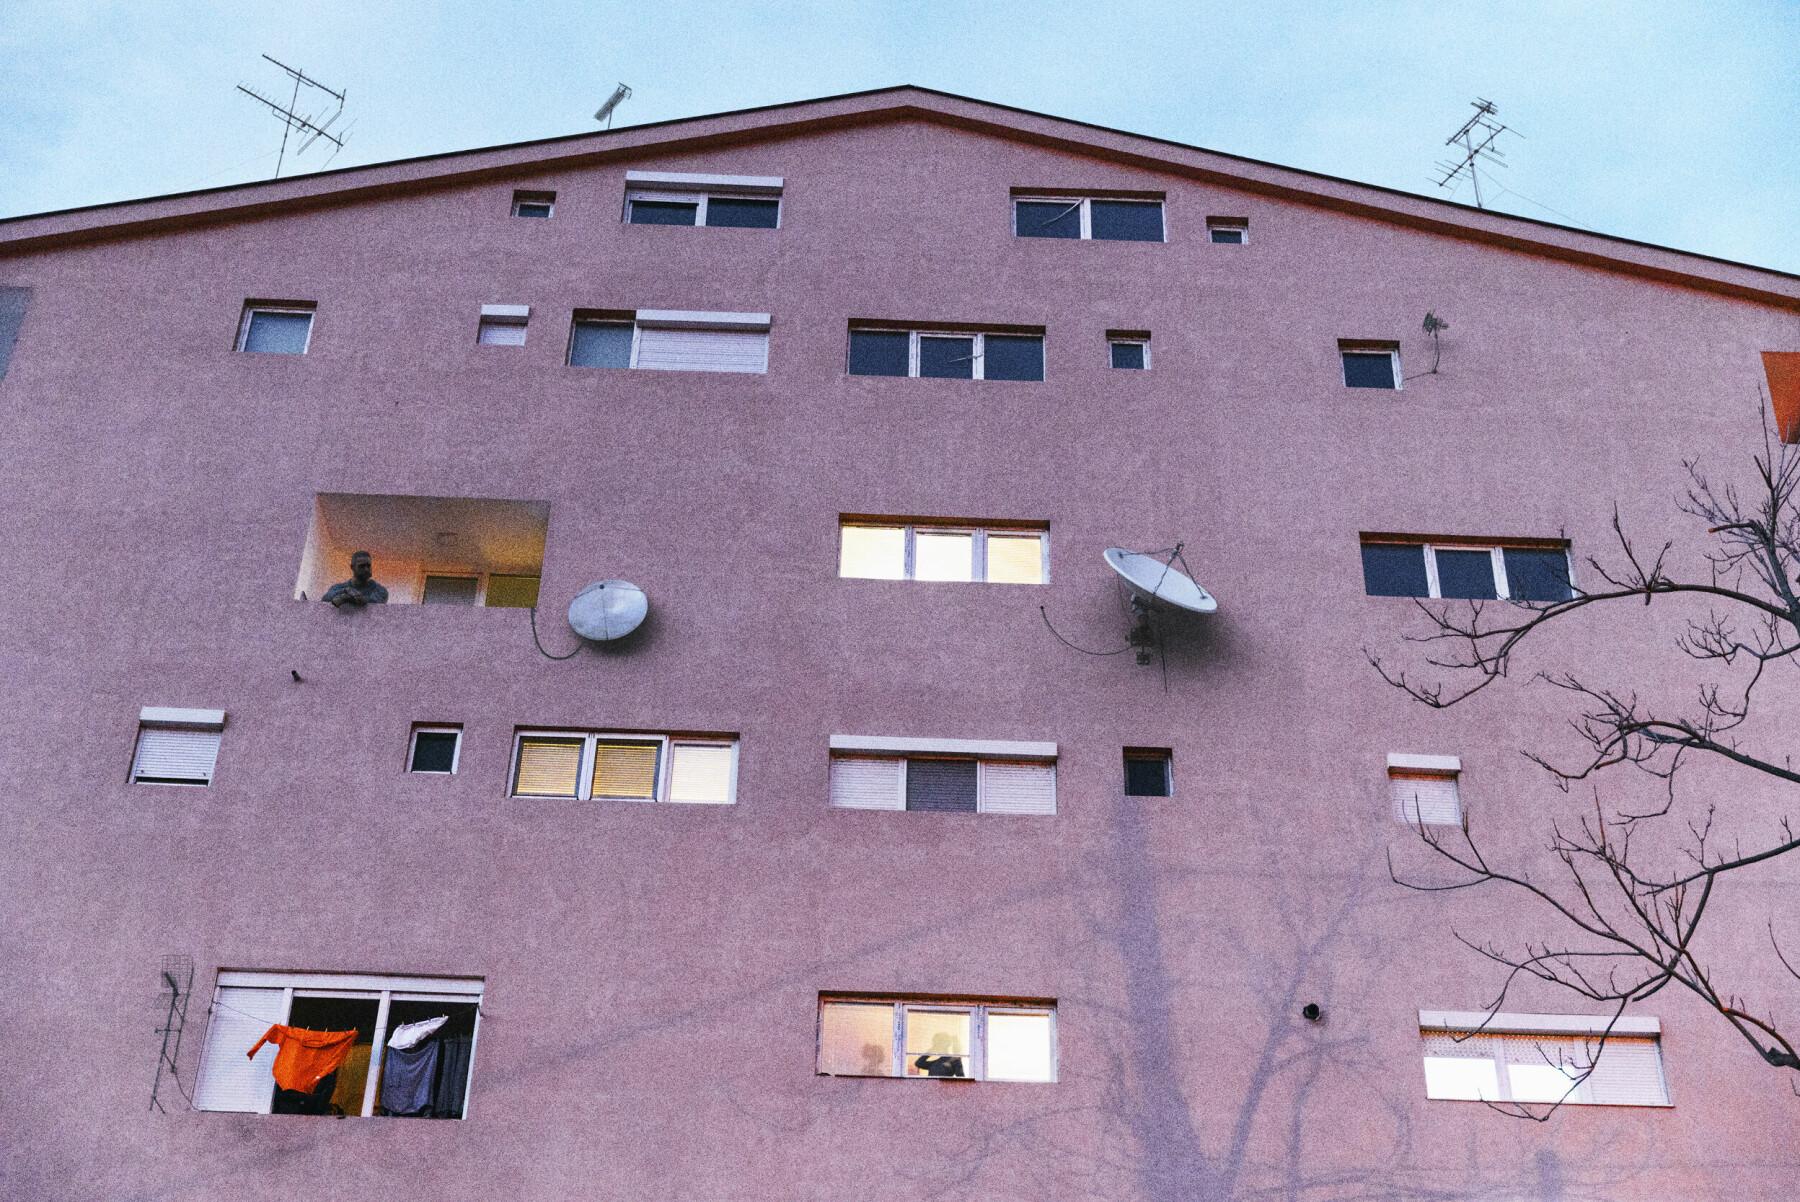 Et leilighetskompleks i Veles.